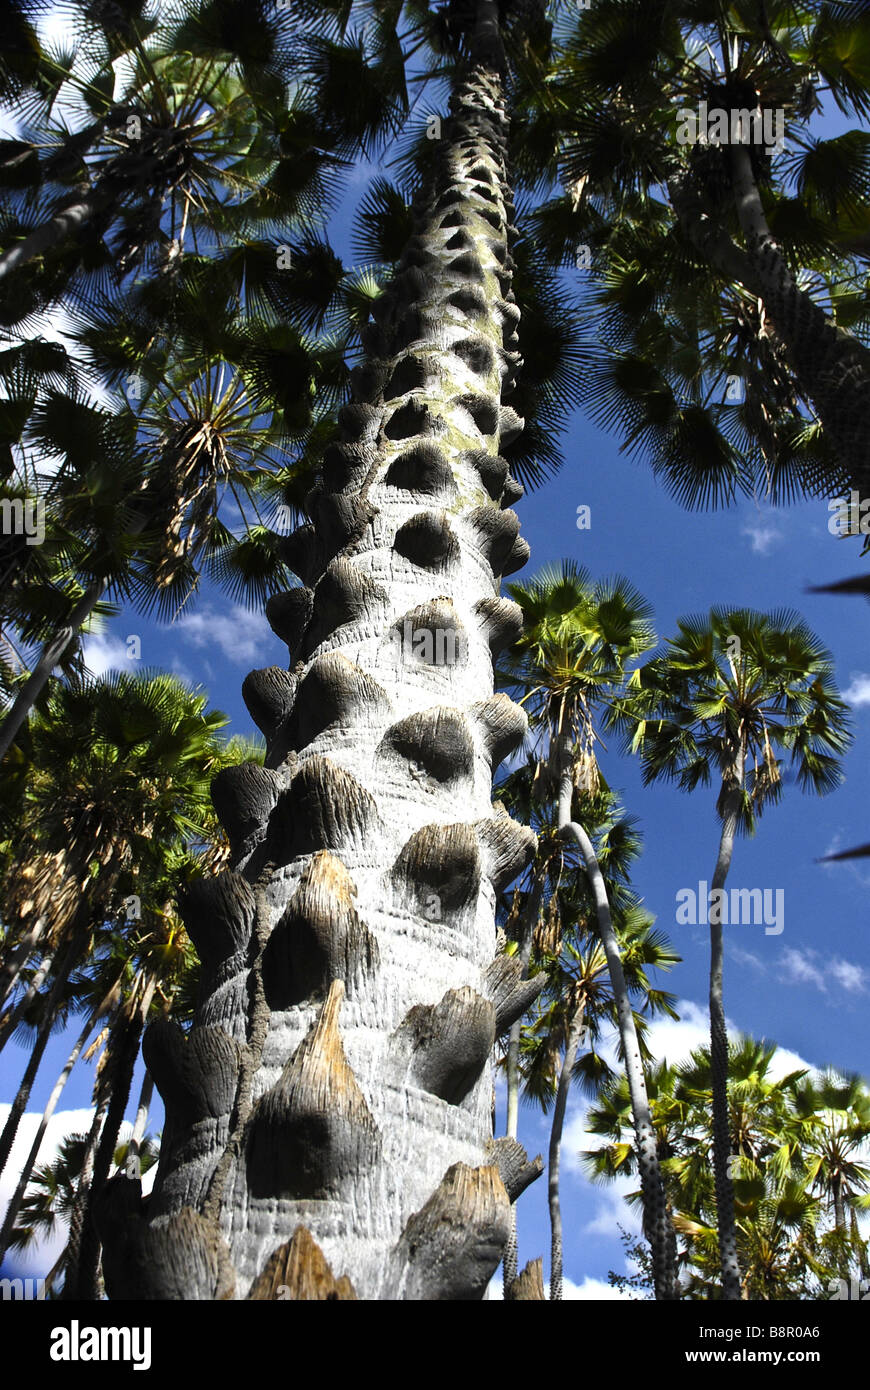 Palmier Carnauba est une espèce de palmier originaire du Brésil c'est la source de la cire de carnauba. Photo Stock